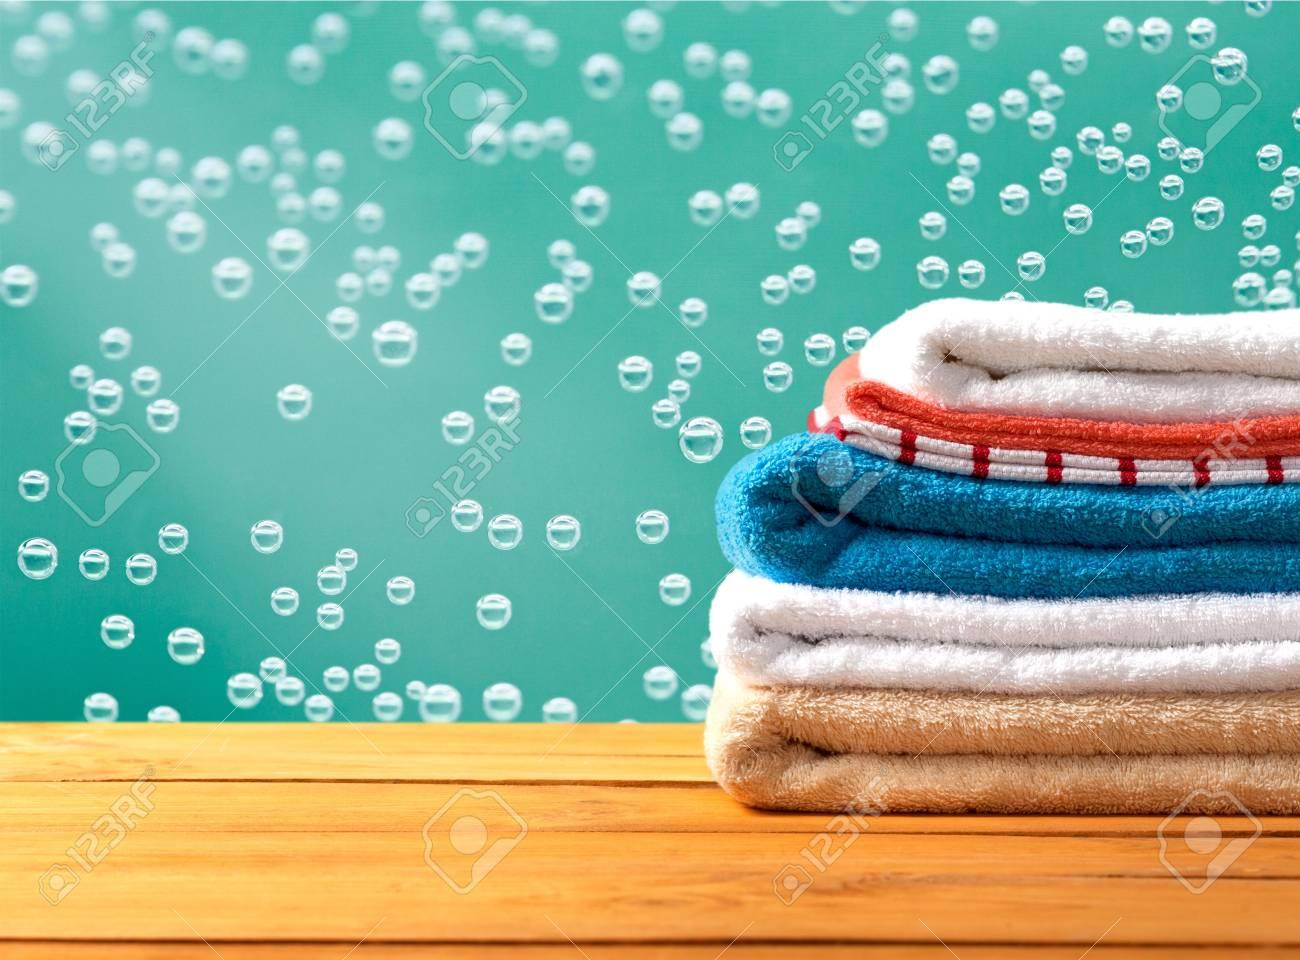 Affiche Salle De Bain Retro ~ salle de bains r tro affiche banque d images et photos libres de